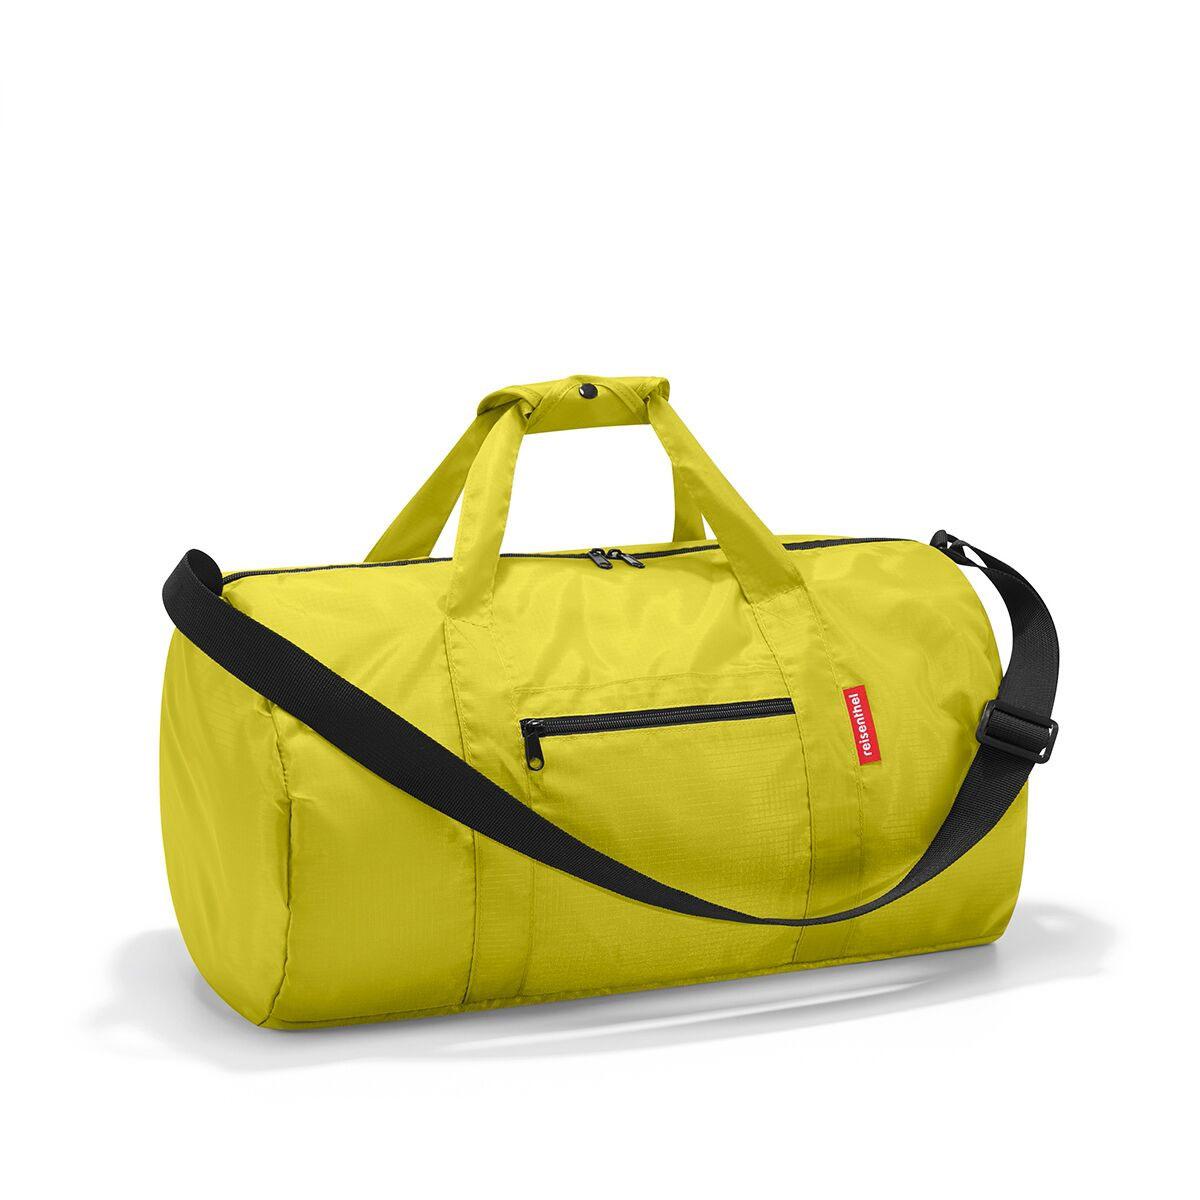 Сумка спортивная женская Reisenthel, цвет: зеленый. AM5001AM5001Универсальная сумка-трансформер серии Mini Maxi, предназначенная для путешествий и спорта. Подходит для хранения, компактно складывается в собственный внутренний карман. У модели вместительное основное отделение на молнии, экономит место при хранении и перевозке в сложенном состоянии, регулируемый наплечный ремень, ручки для переноски, регулируемые при помощи специальных застежек, два внешних кармана на молнии, материал: высококачественный водостойкий полиэстер, объем – 20 литров.